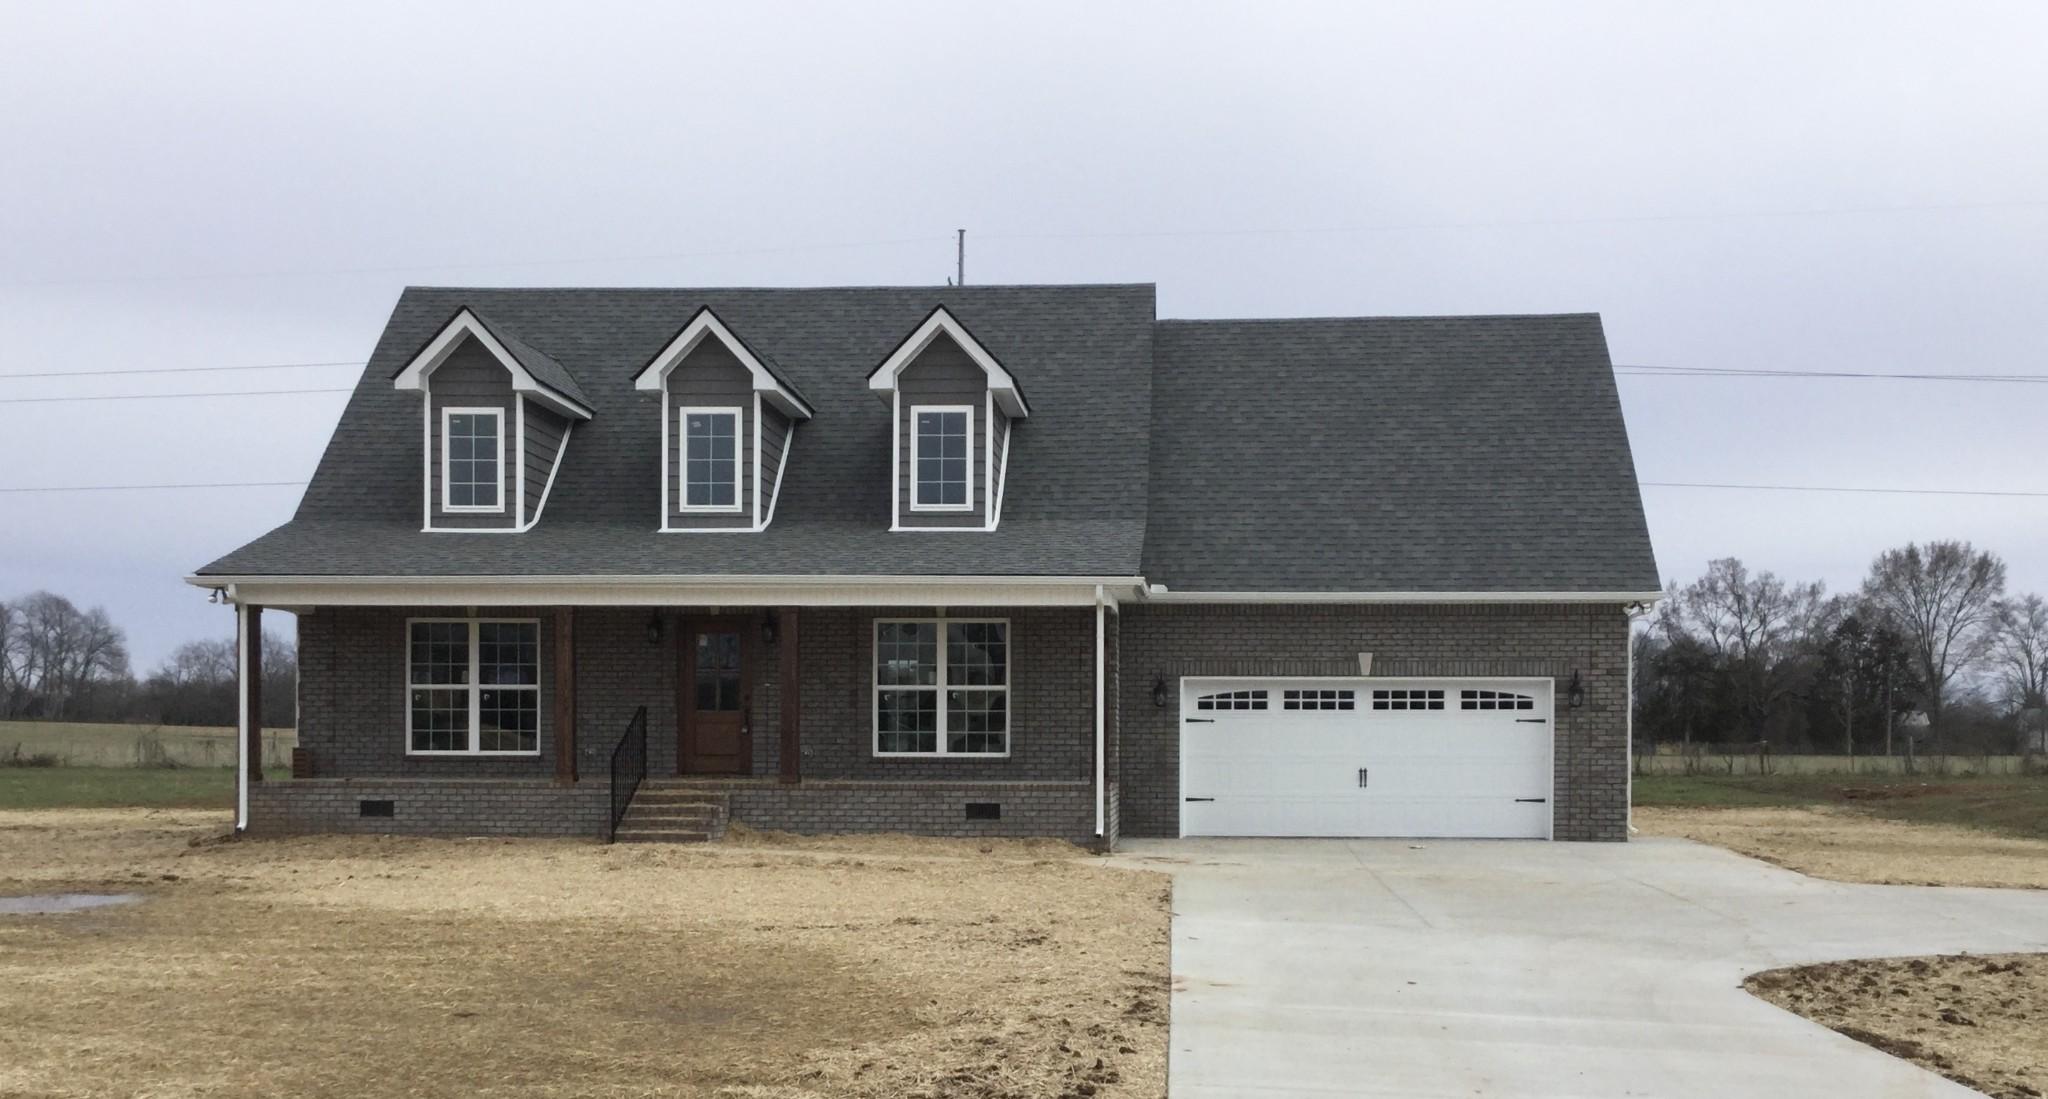 107 Northside Ln, Unionville, TN 37180 - Unionville, TN real estate listing